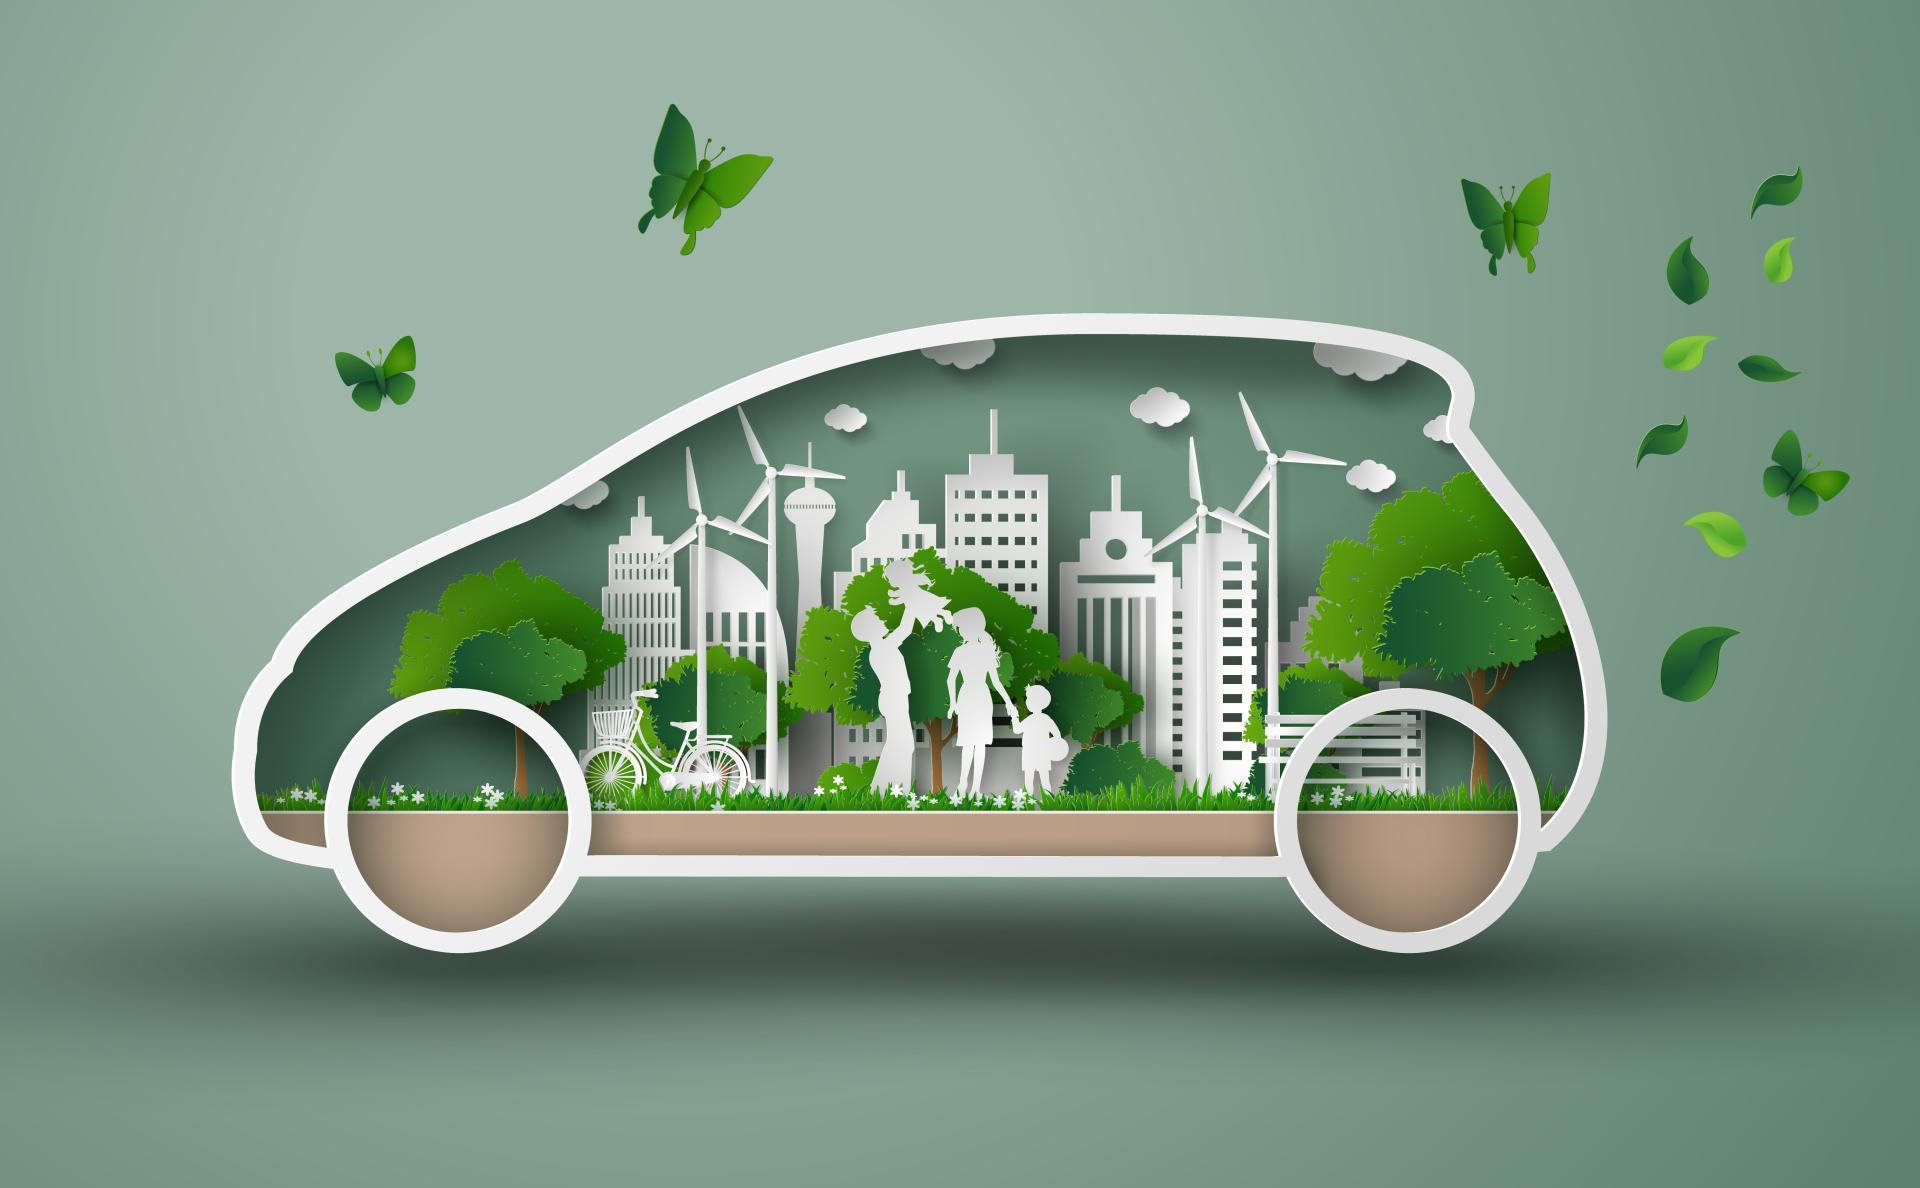 Weitere Studie bestätigt Umweltvorteil von Elektroautos - aber Ökostrom ist entscheidend